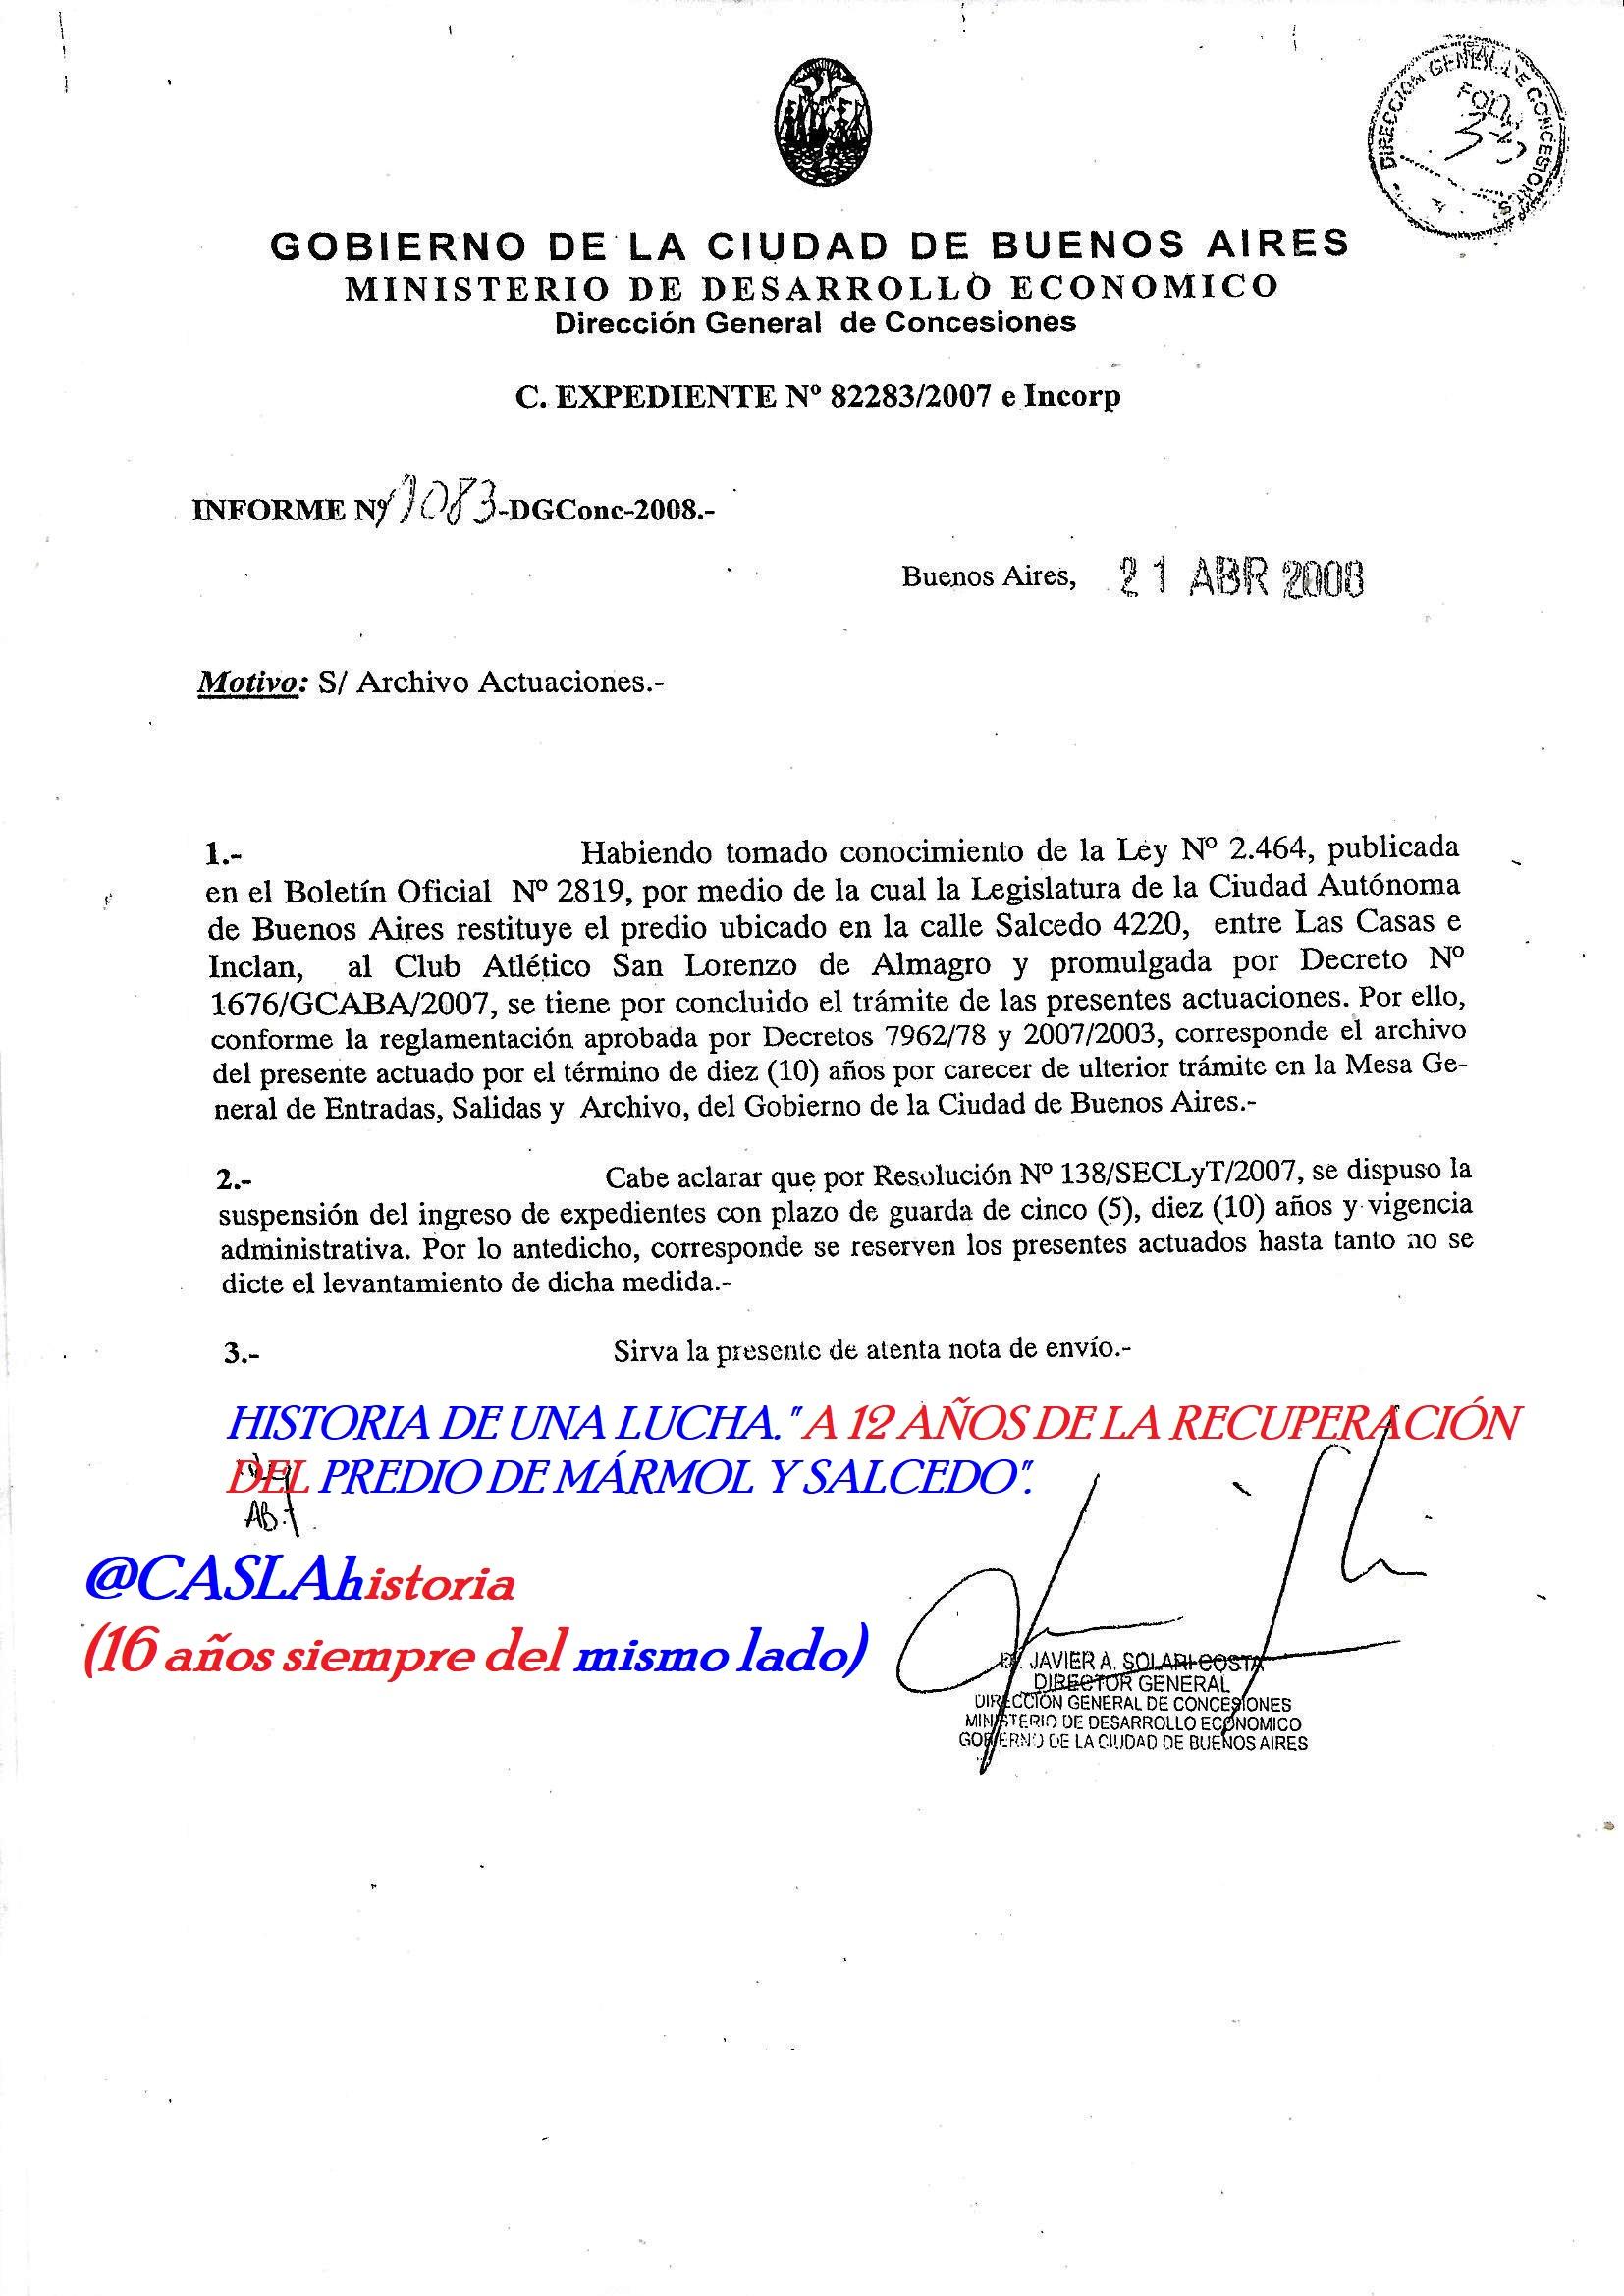 HISTORIA DE UNA LUCHA.»A 12 AÑOS DE LA RECUPERACIÓN DEL PREDIO DE MÁRMOL Y SALCEDO».